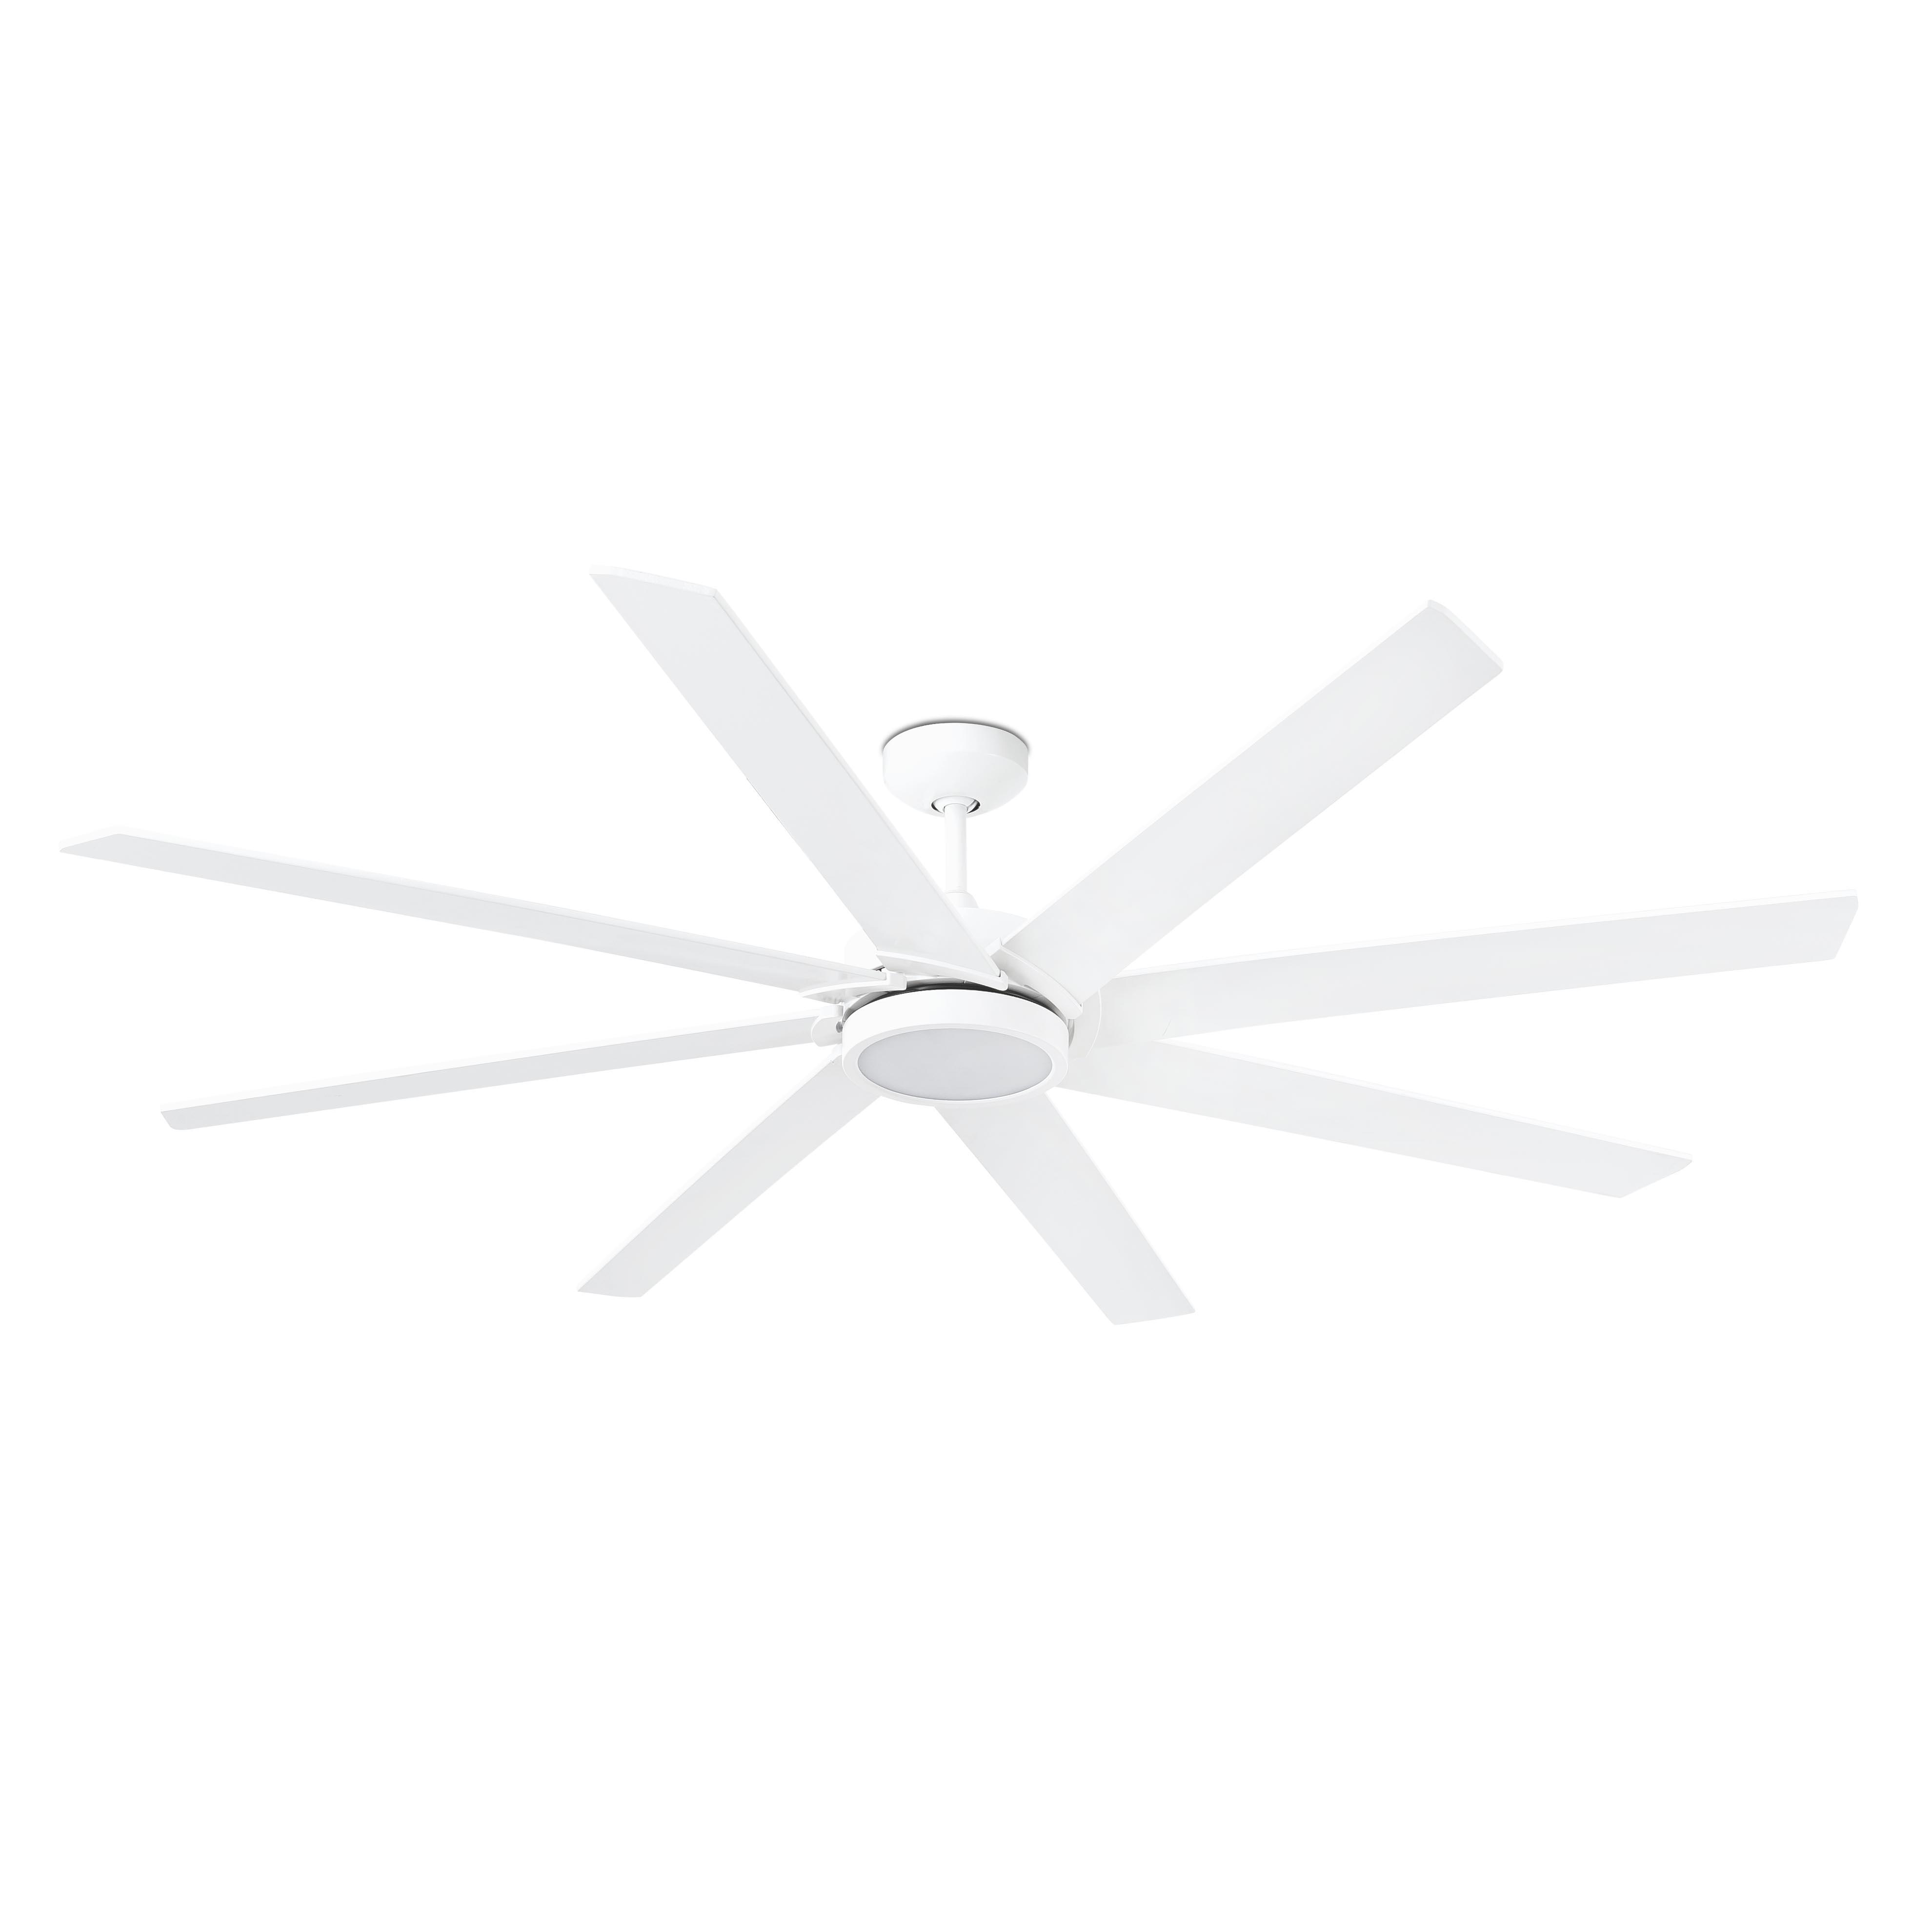 faro ventilateur de plafond basse consommation century blanc 165 cm avec led ventilateurs de. Black Bedroom Furniture Sets. Home Design Ideas